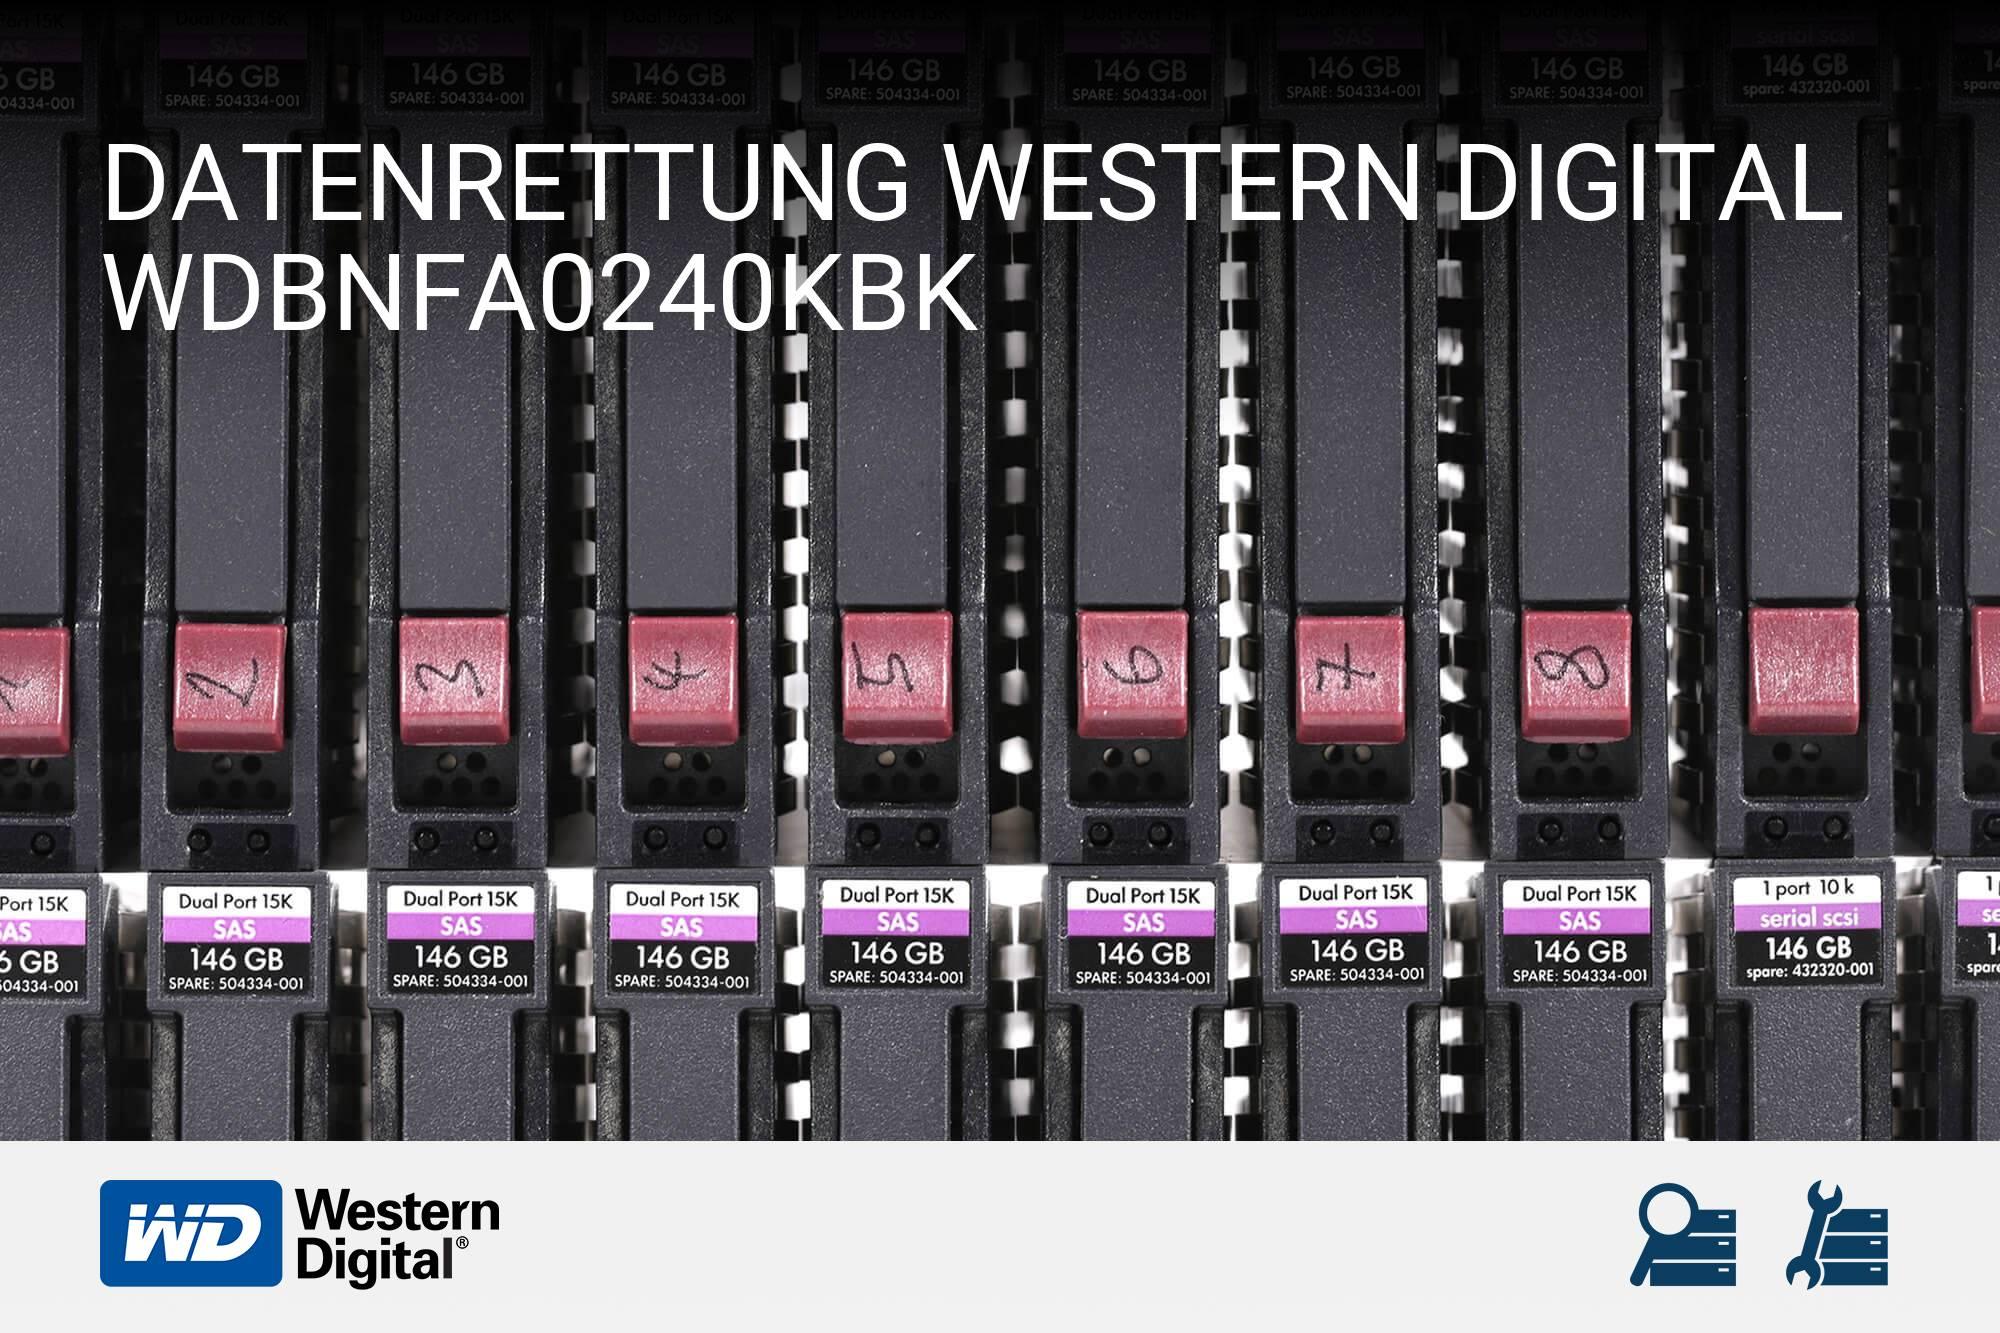 Western Digital WDBNFA0240KBK